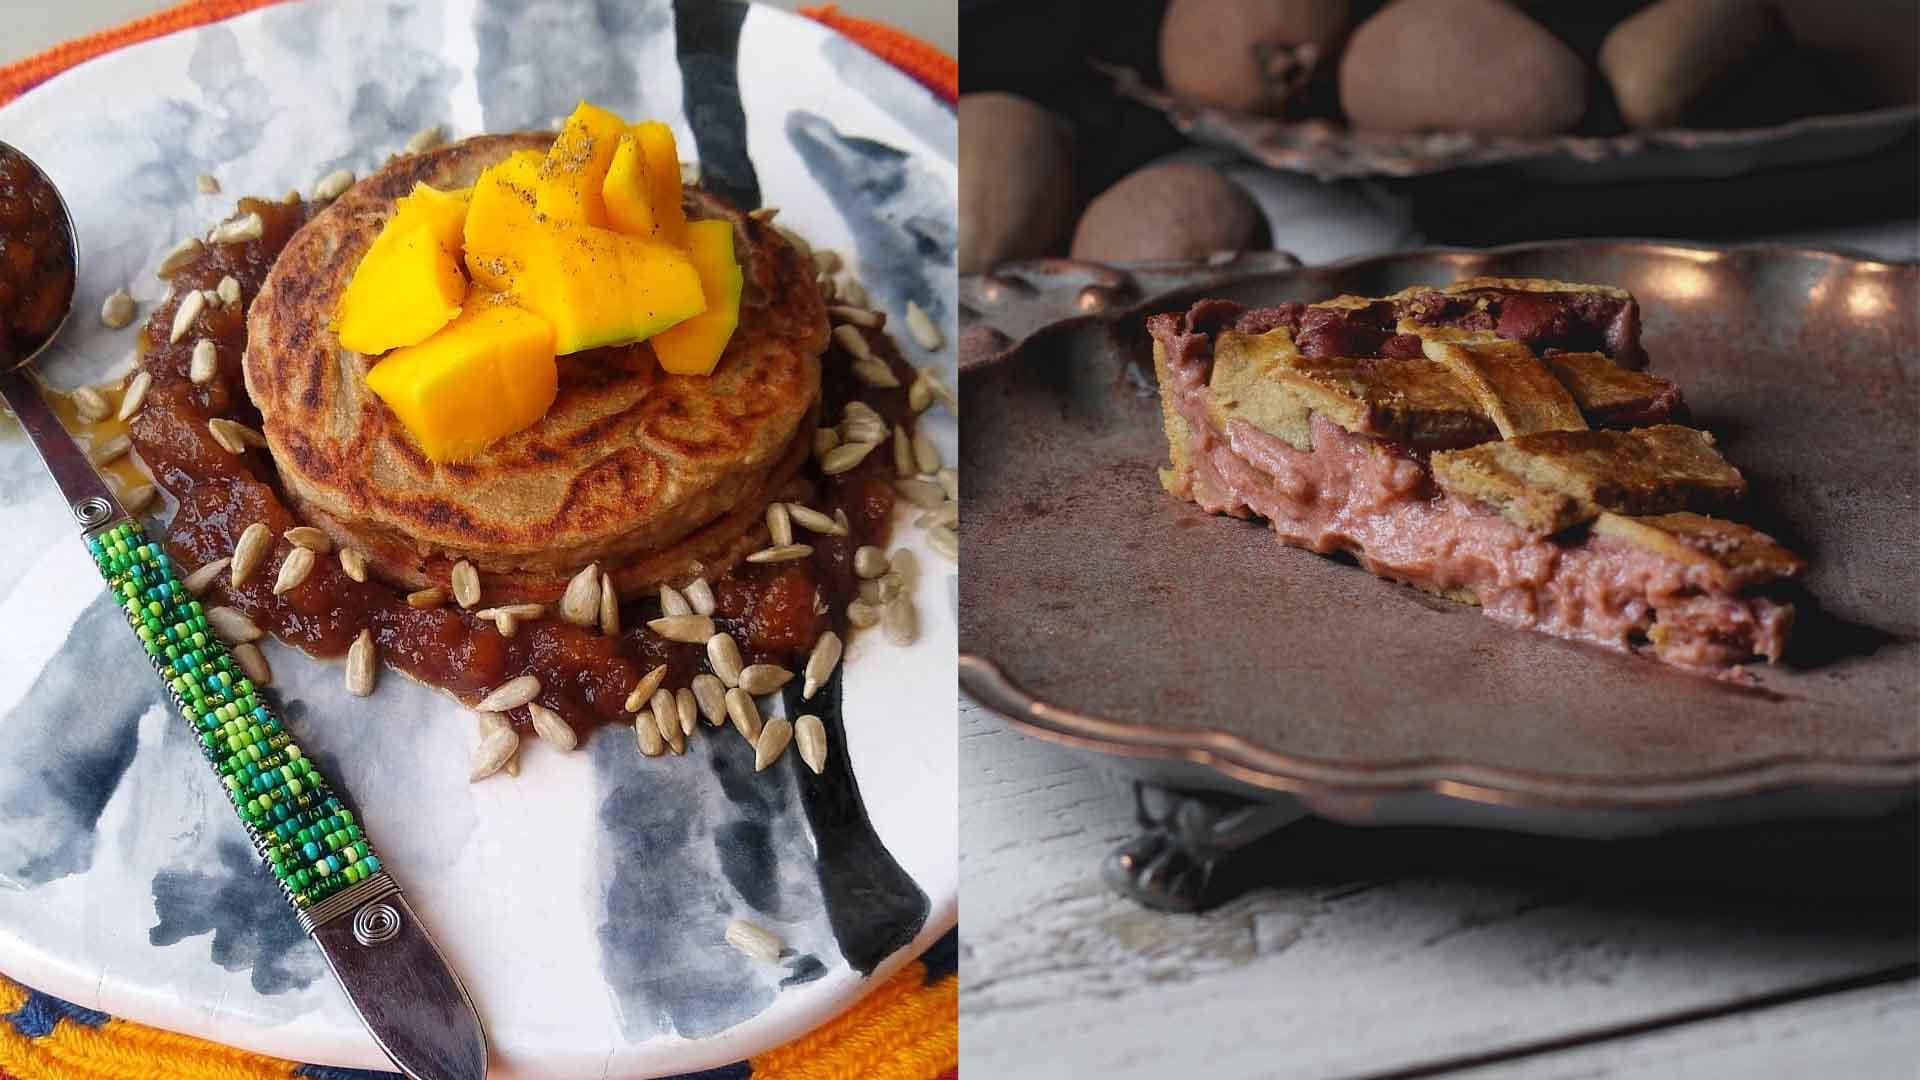 Pancake de níspero con mermelada y pie de níspero hecho en casa.